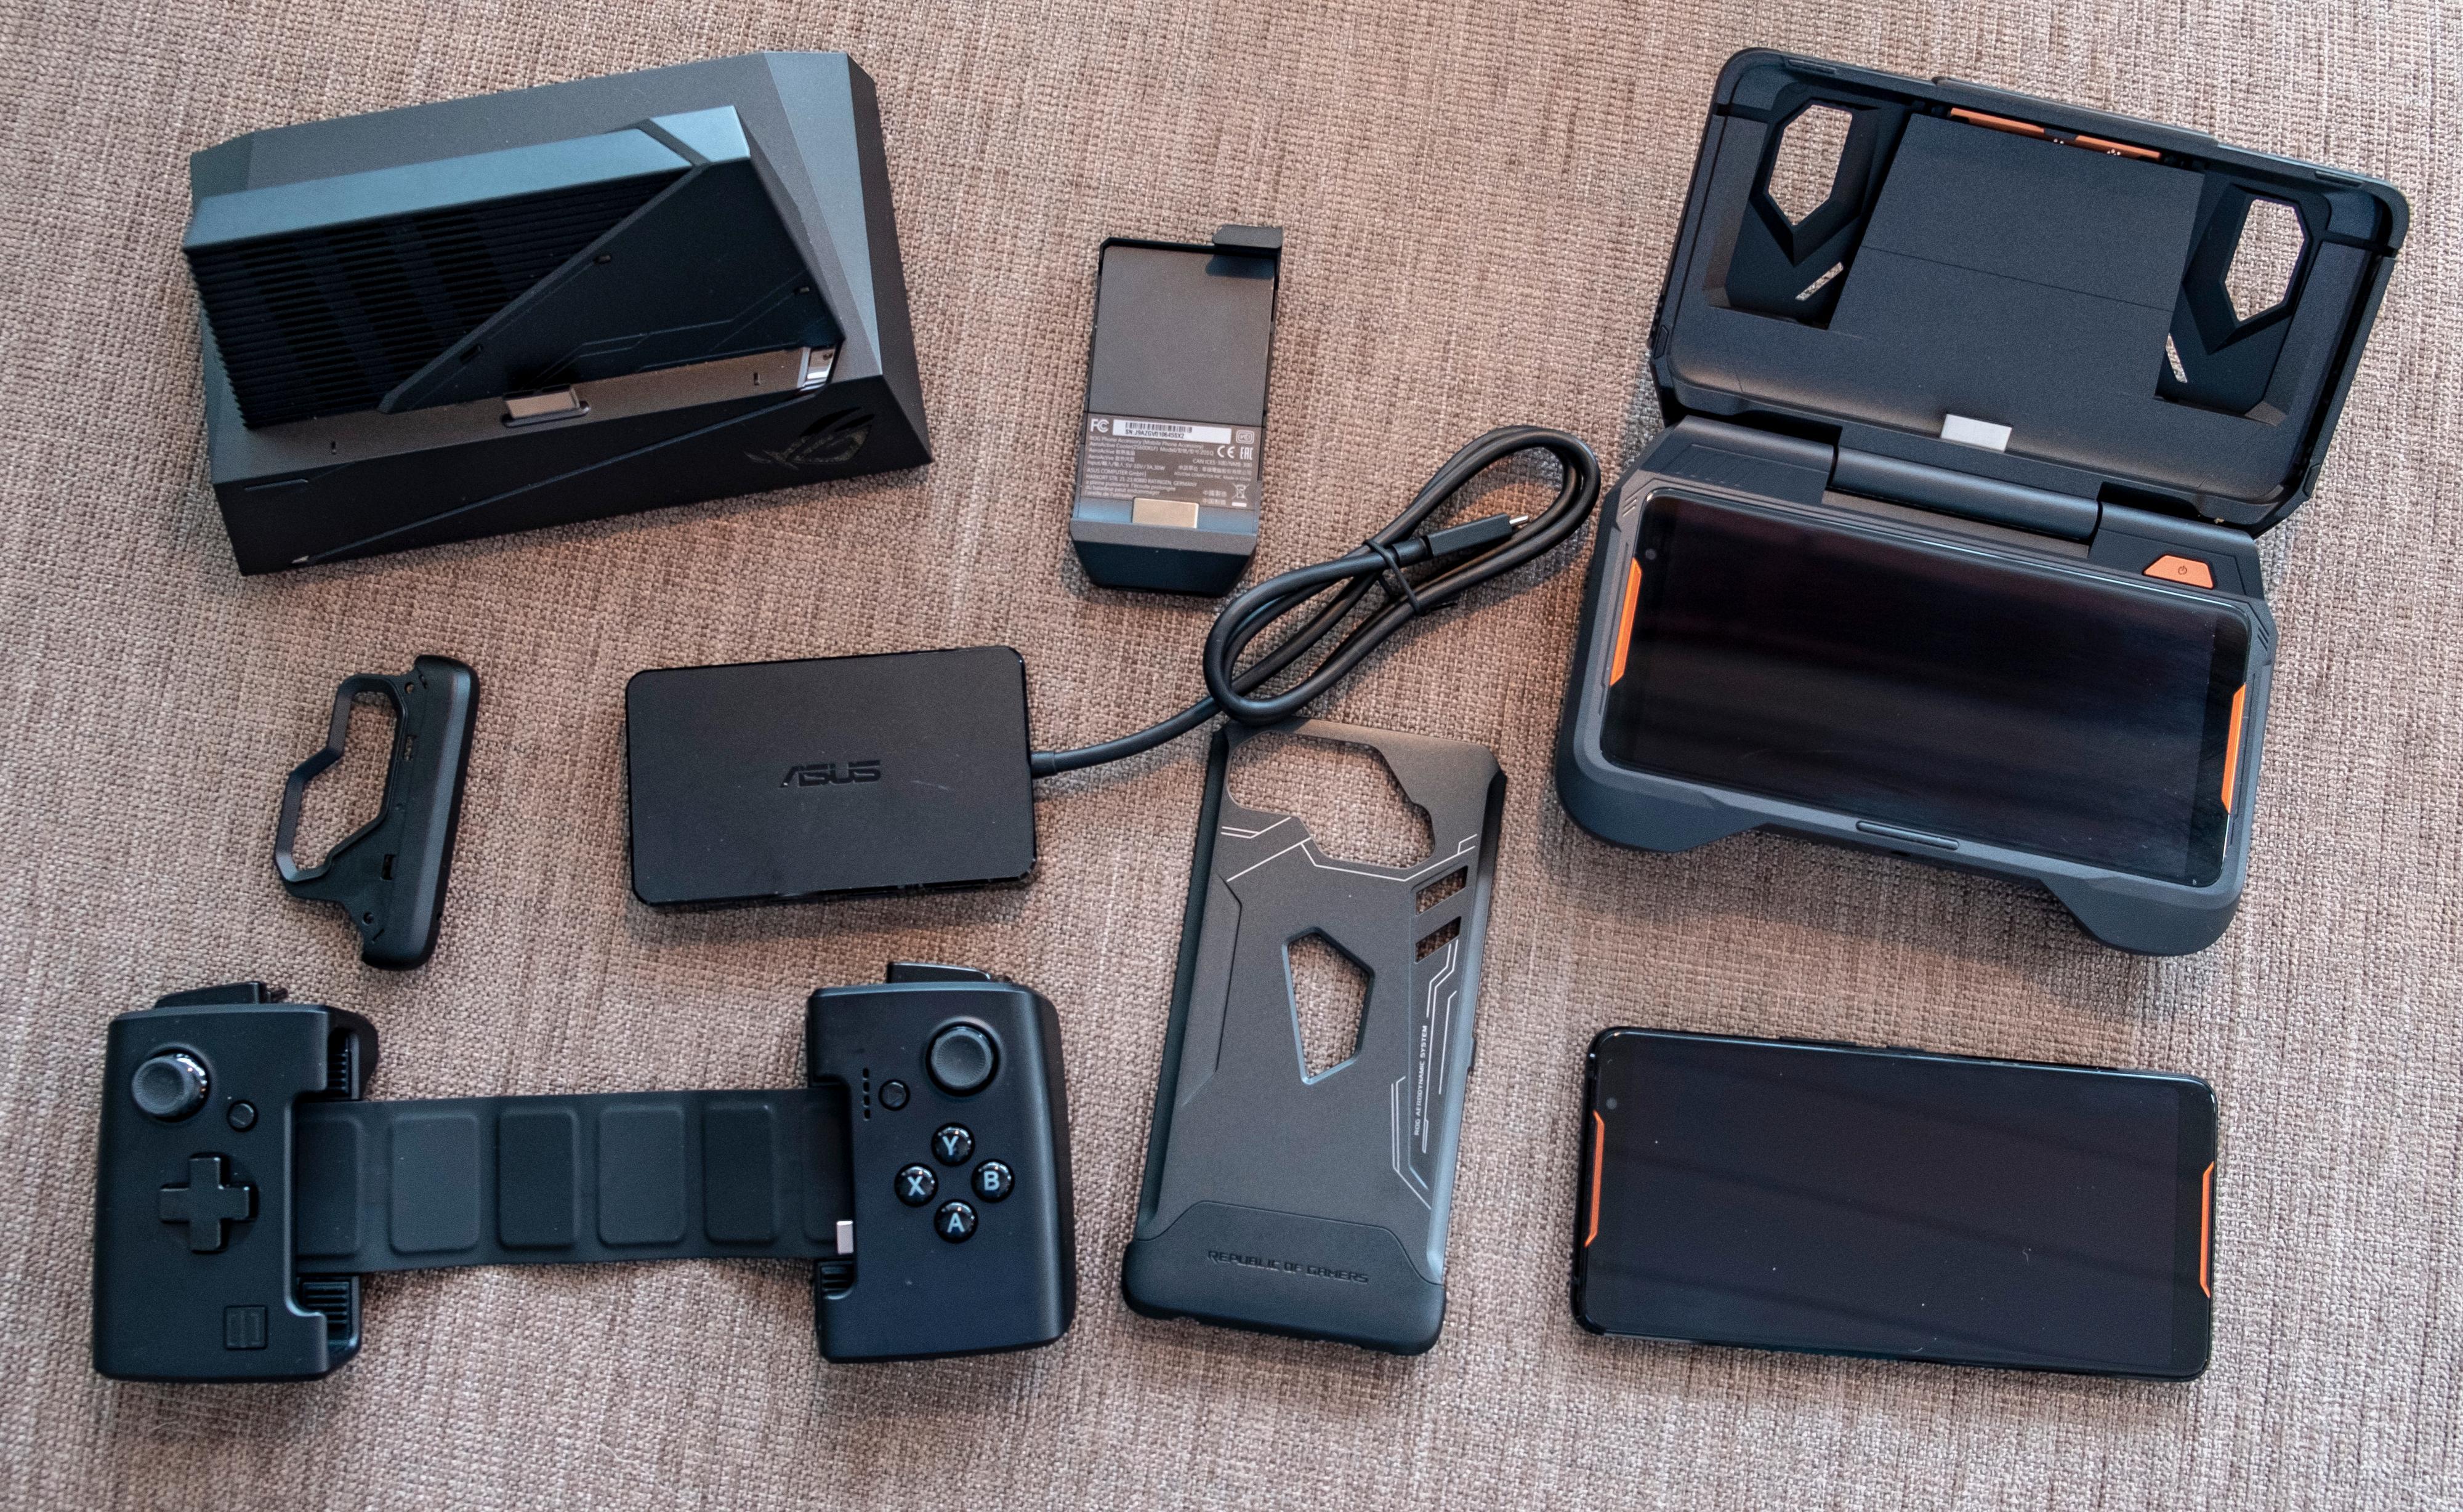 Du kan kjøpe ROG Phone med et lite hav av tilbehør. Men alt koster, og lite av det er verdt pengene. Spillkontrolleren er eventuelt dingsen vi ville satset på.